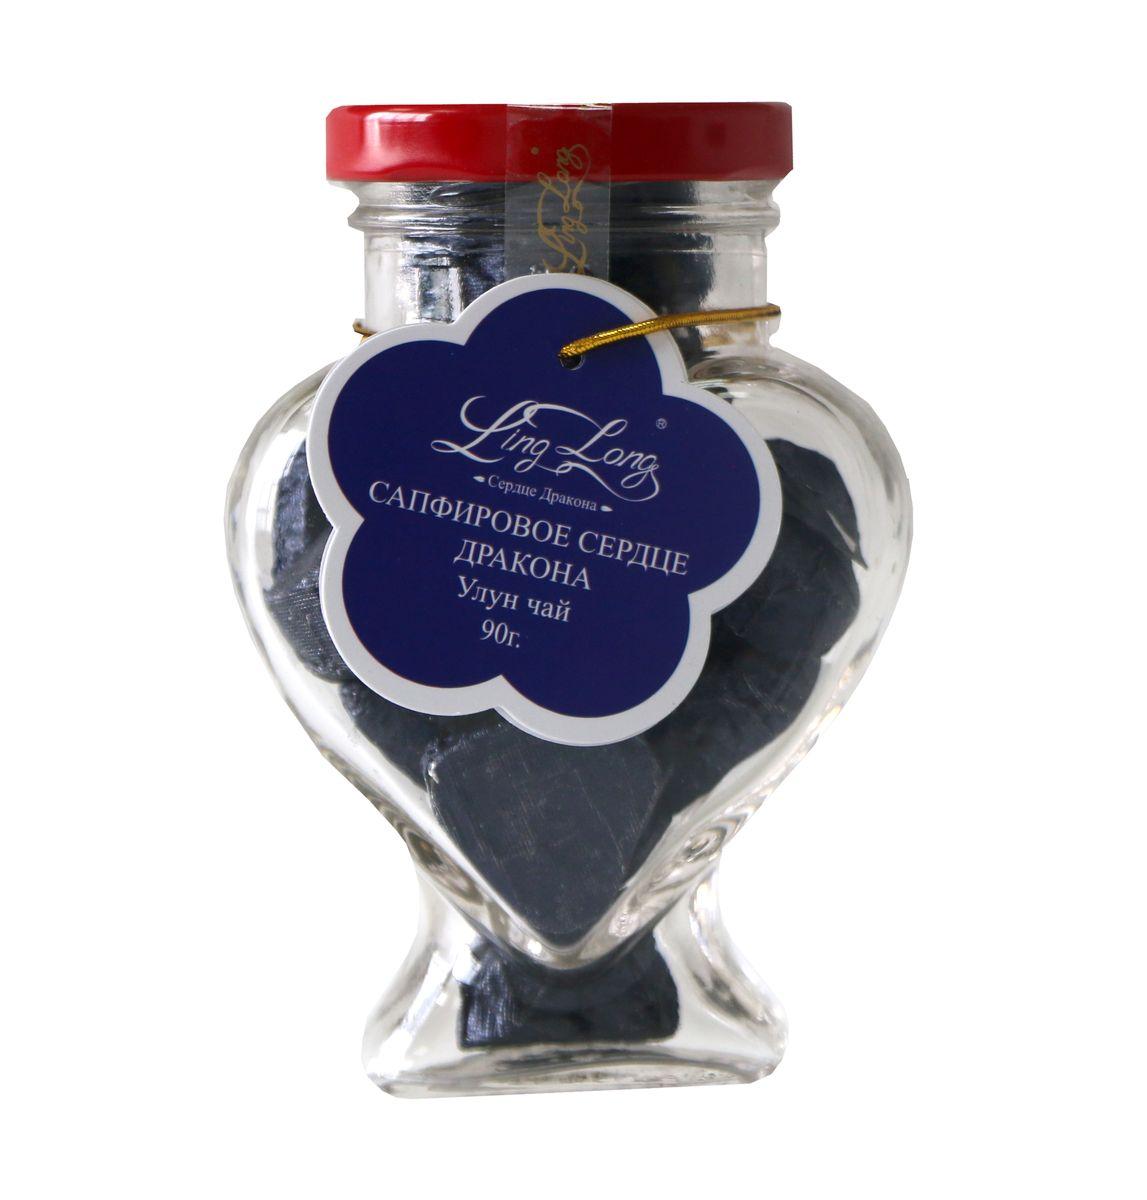 Ling Long Сапфировое сердце дракона листовой чай улун, 90 г (стеклянная банка)LL505Чай зелёный улун байховый китайский среднелистовой Ling Long Сапфировое сердце дракона. Спрессован в форме сердечек. Такой чай станет отличным подарком друзьям или близким.